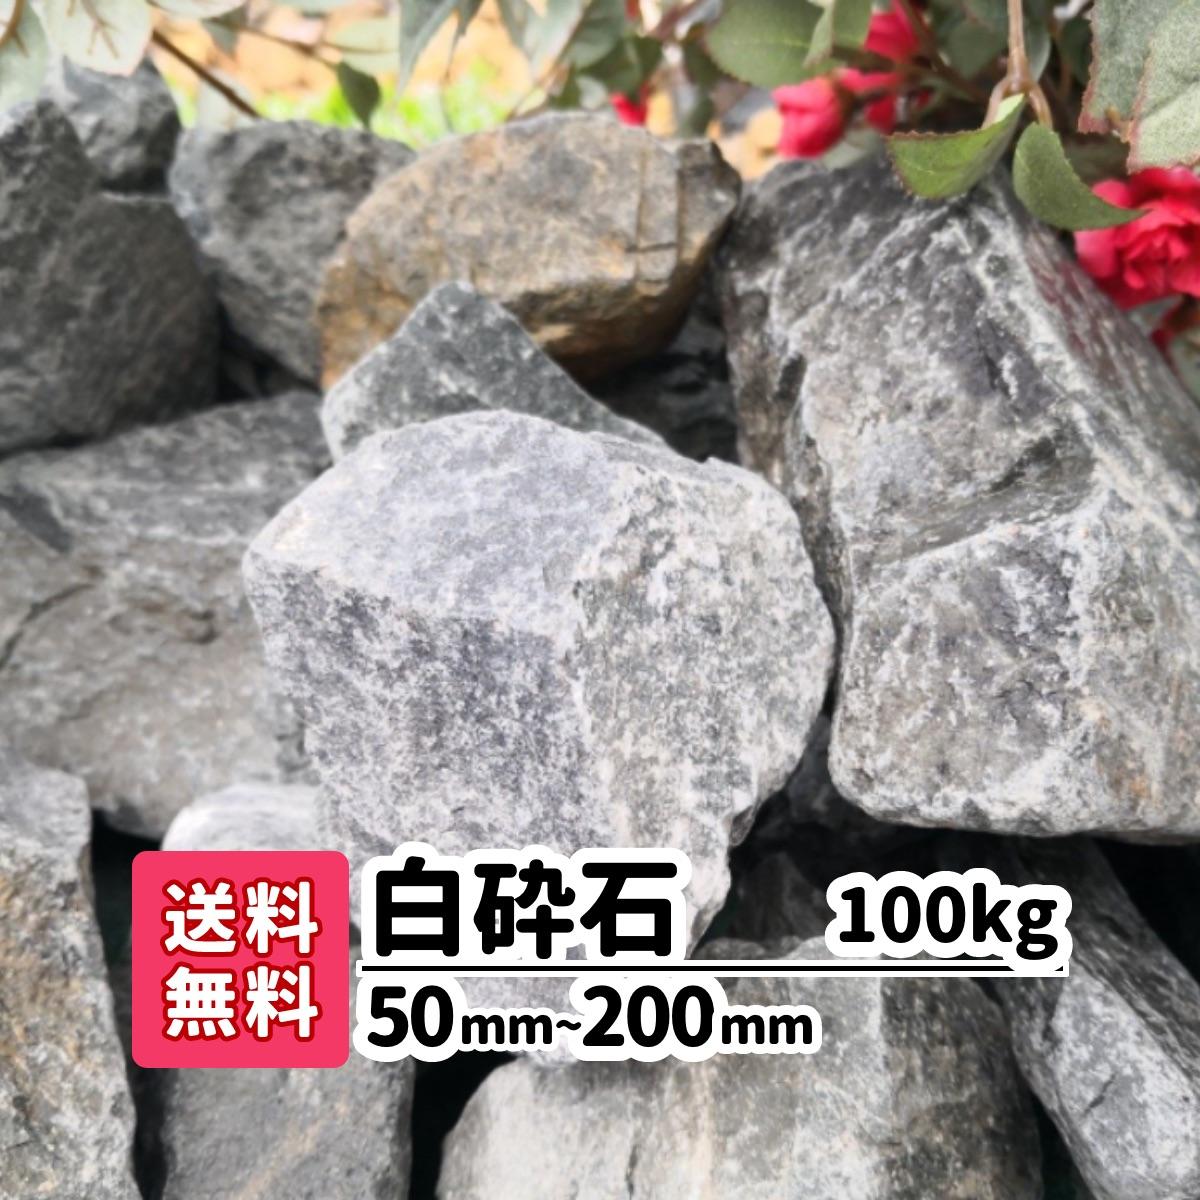 愛知県産の白砕石です 硬い石質で重量感がある大きな石です 全体的に白色で落ち着いた印象のお庭になります 送料無料 100kg 白砕石 50mm~200mm ロックガーデン 庭 超特価 アプローチ おしゃれ ガーデニング 激安特価品 アクアリウム 大きい石 駐車場 割栗石 ホワイト リフォーム 花壇 水槽レイアウト レイアウト メダカ 砂利 庭園 熱帯魚 造園 白い石 洋風 園芸